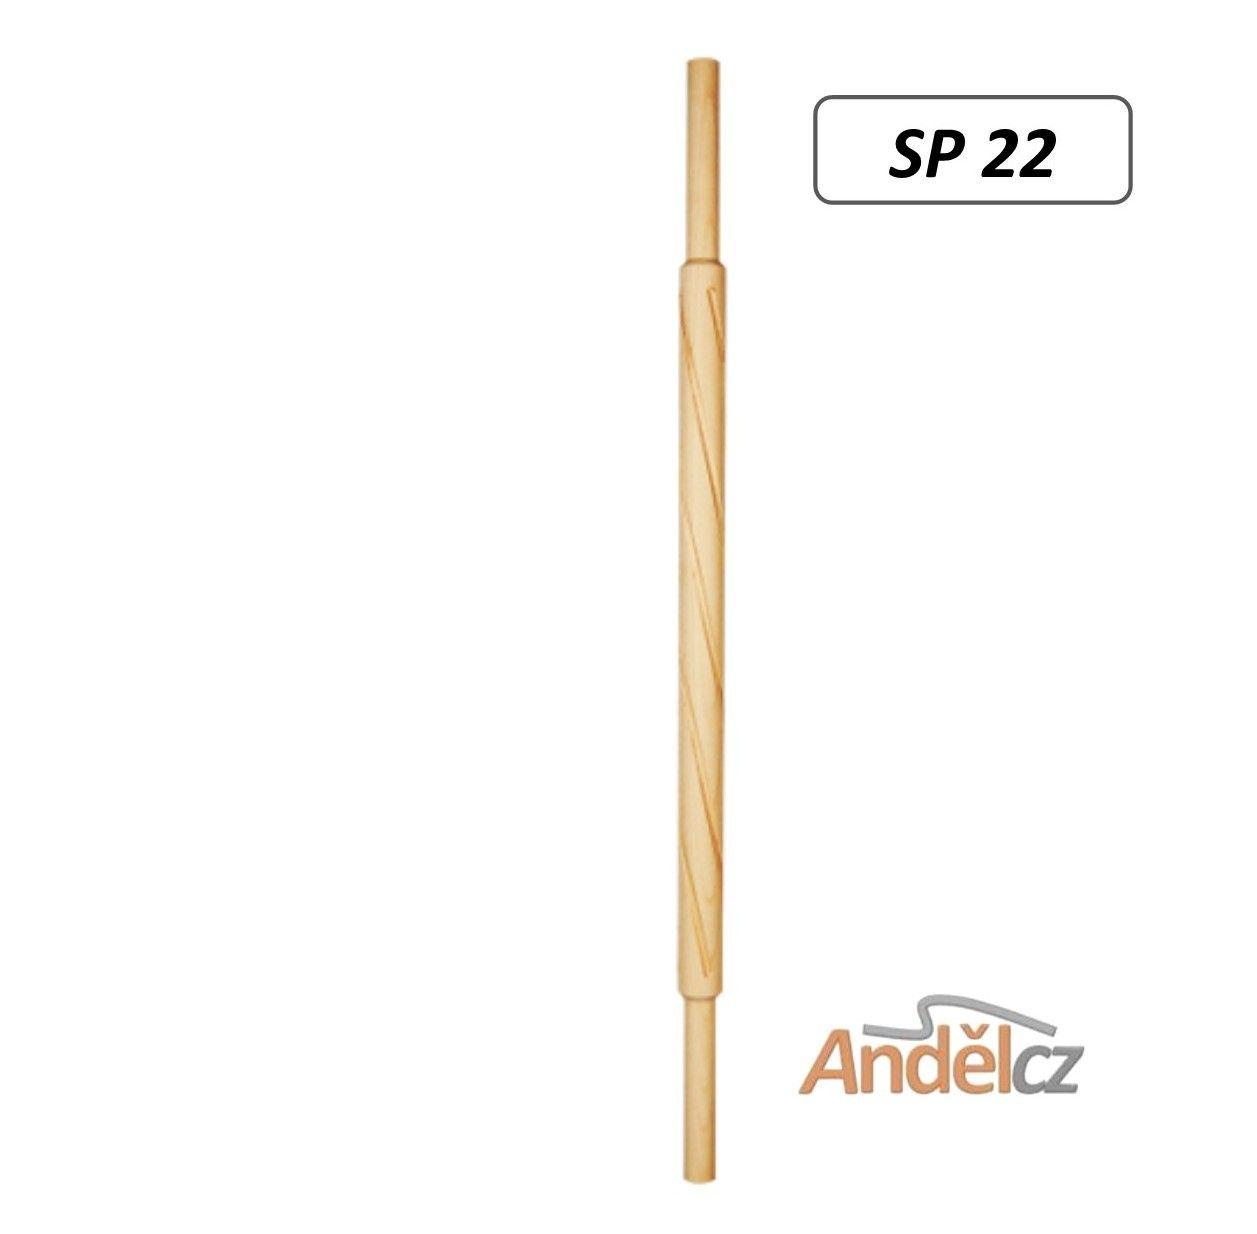 Dřevěná šprušle SP 22